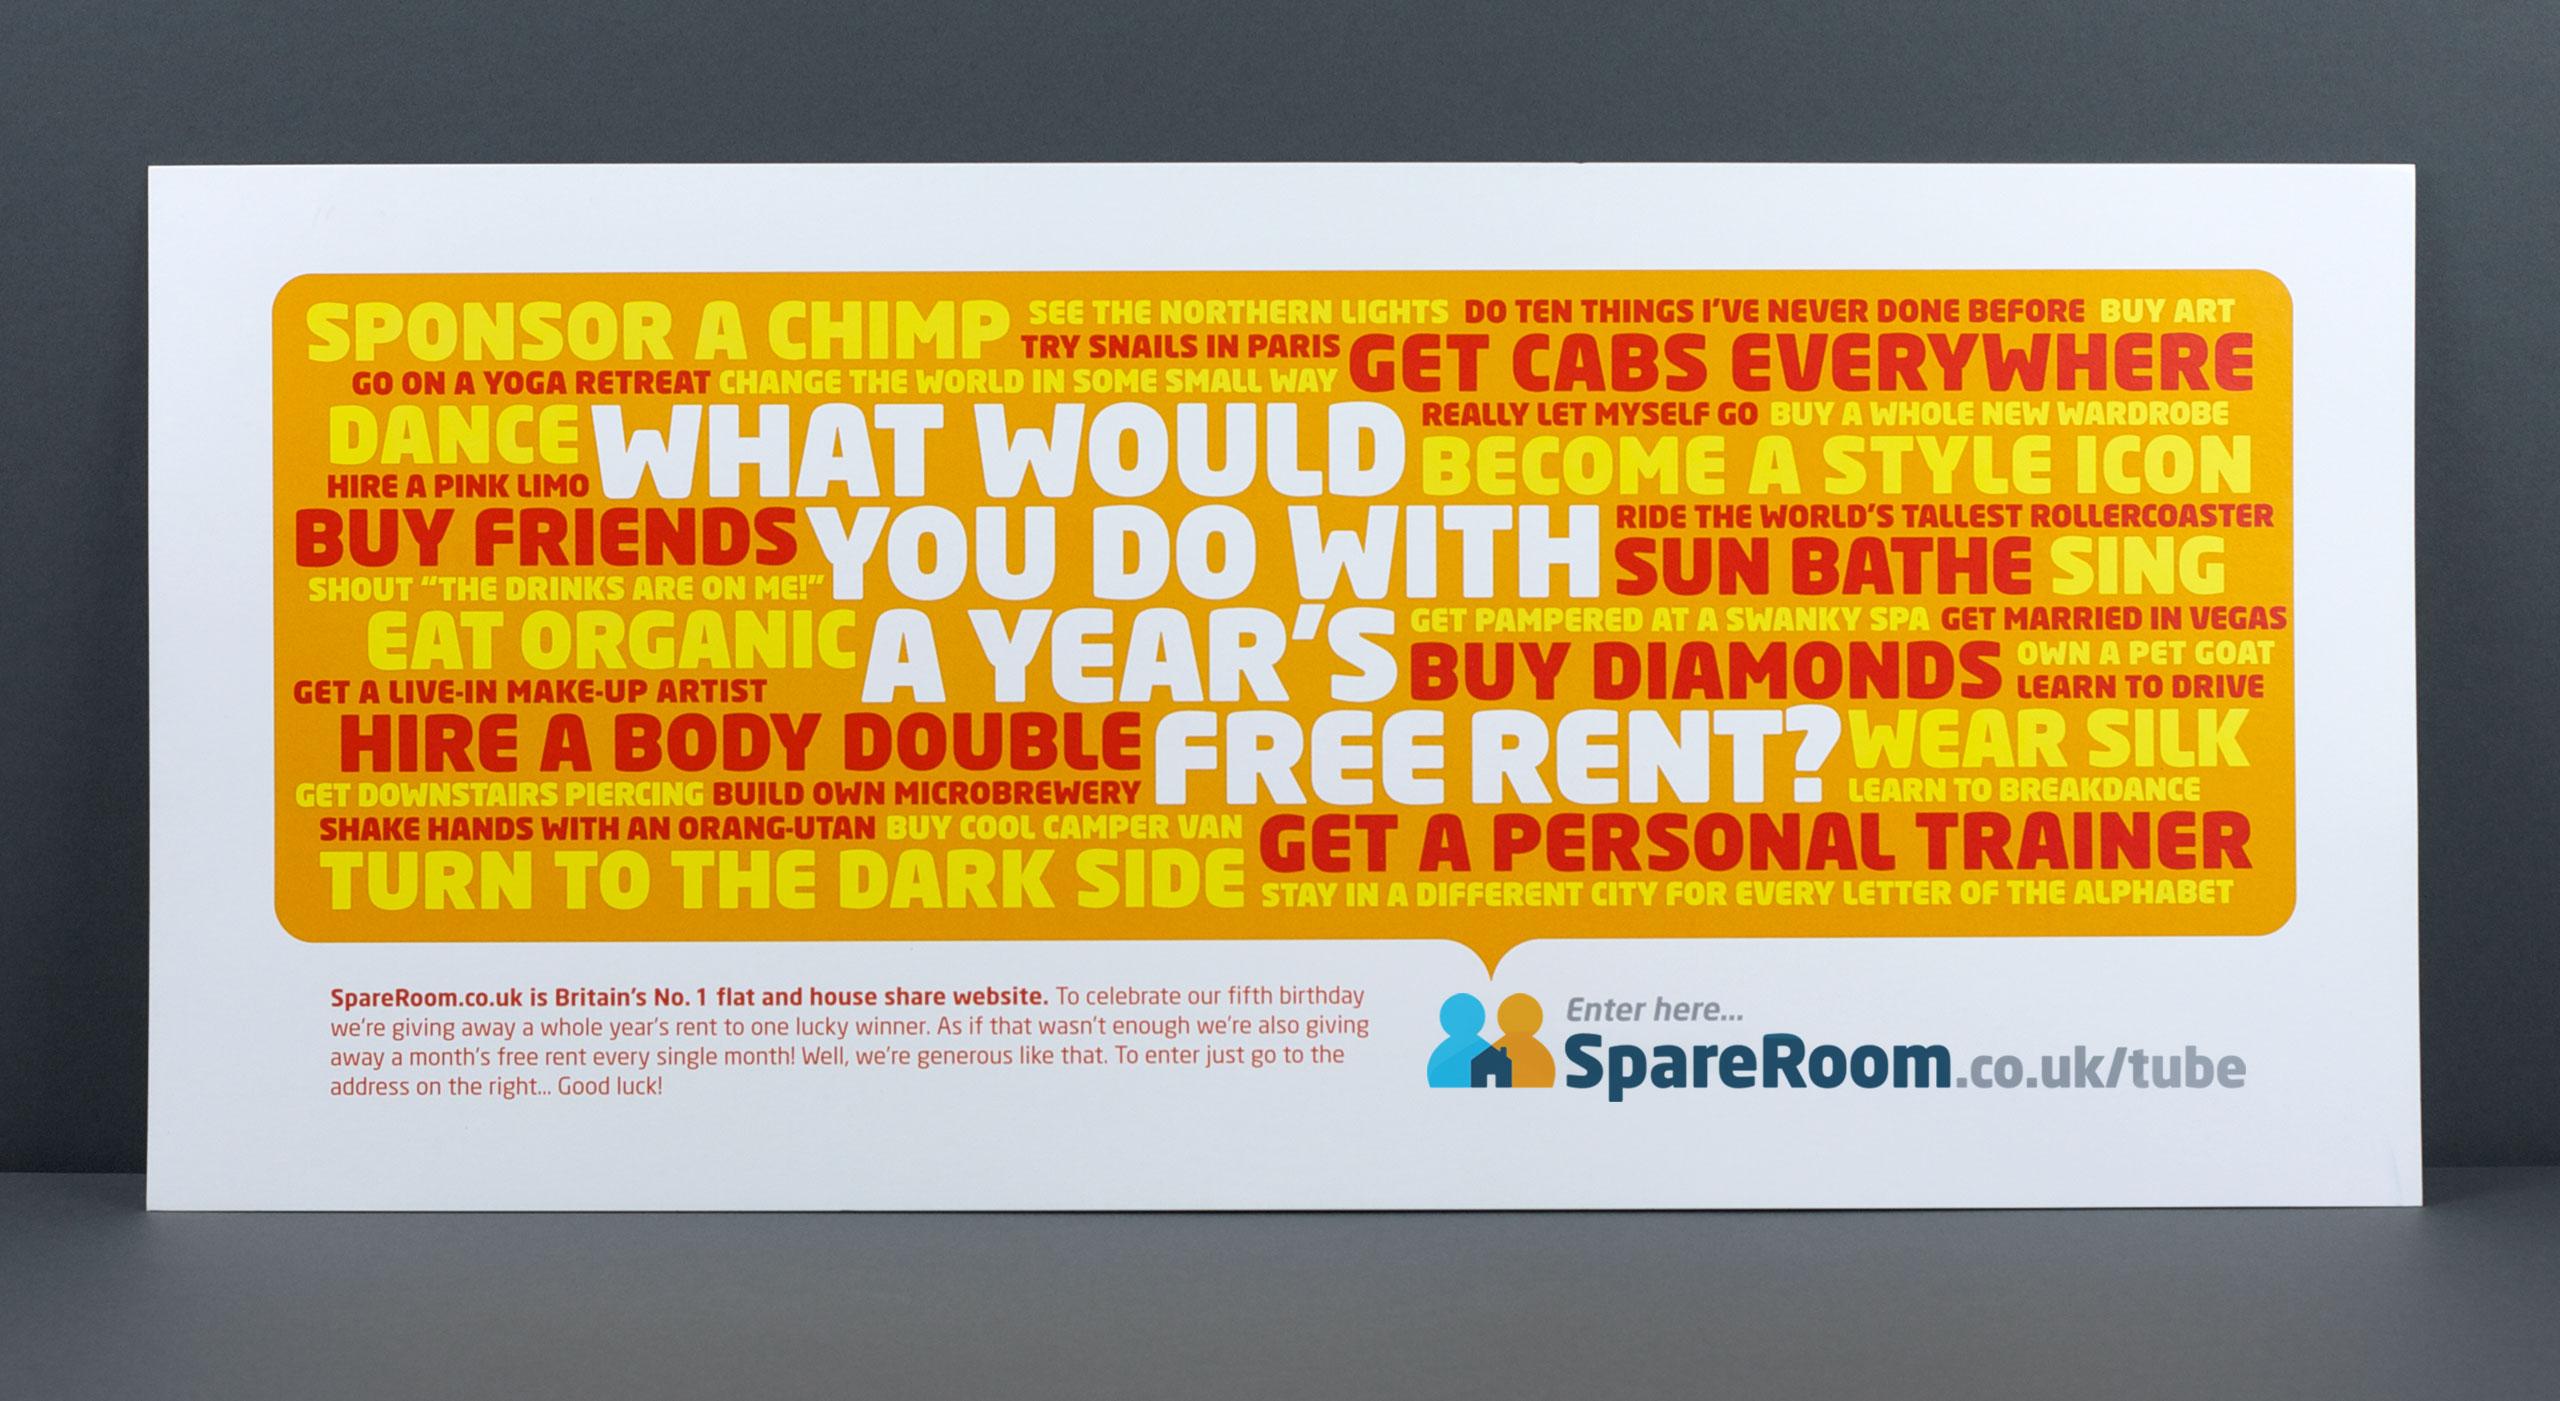 SpareRoom Tube poster designed by Dan Forster